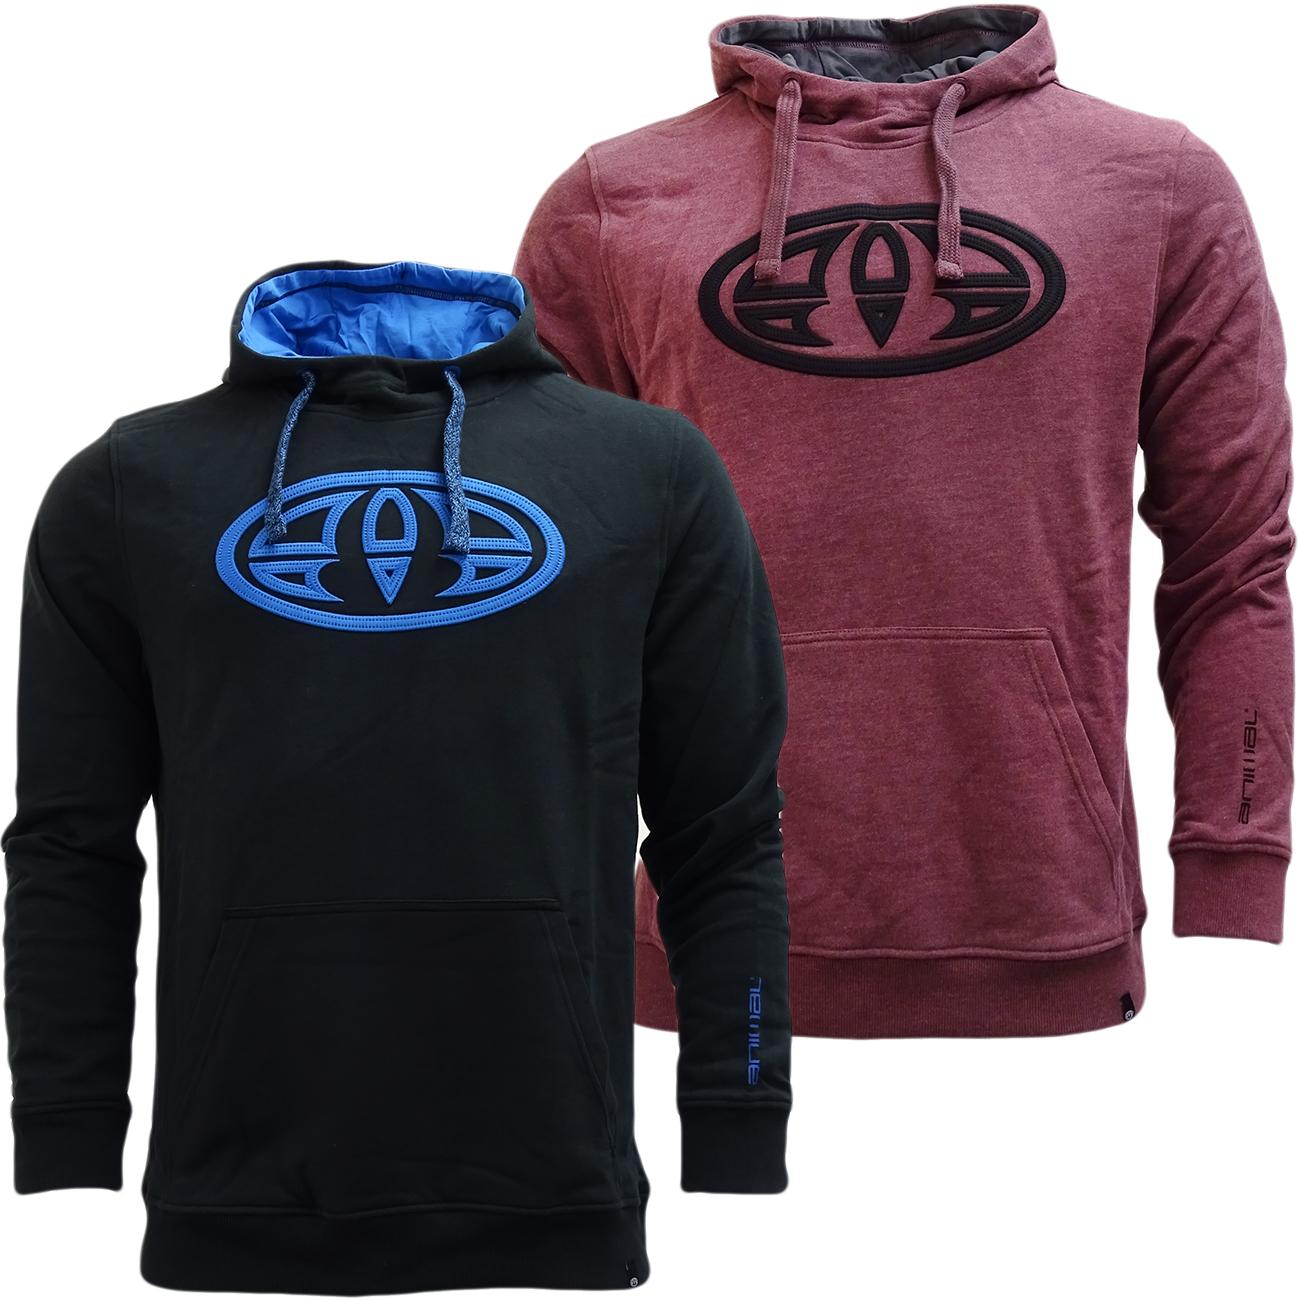 Animal Sweatshirt Hoodie Jumper / Hoody - J100 - Soft Cotton